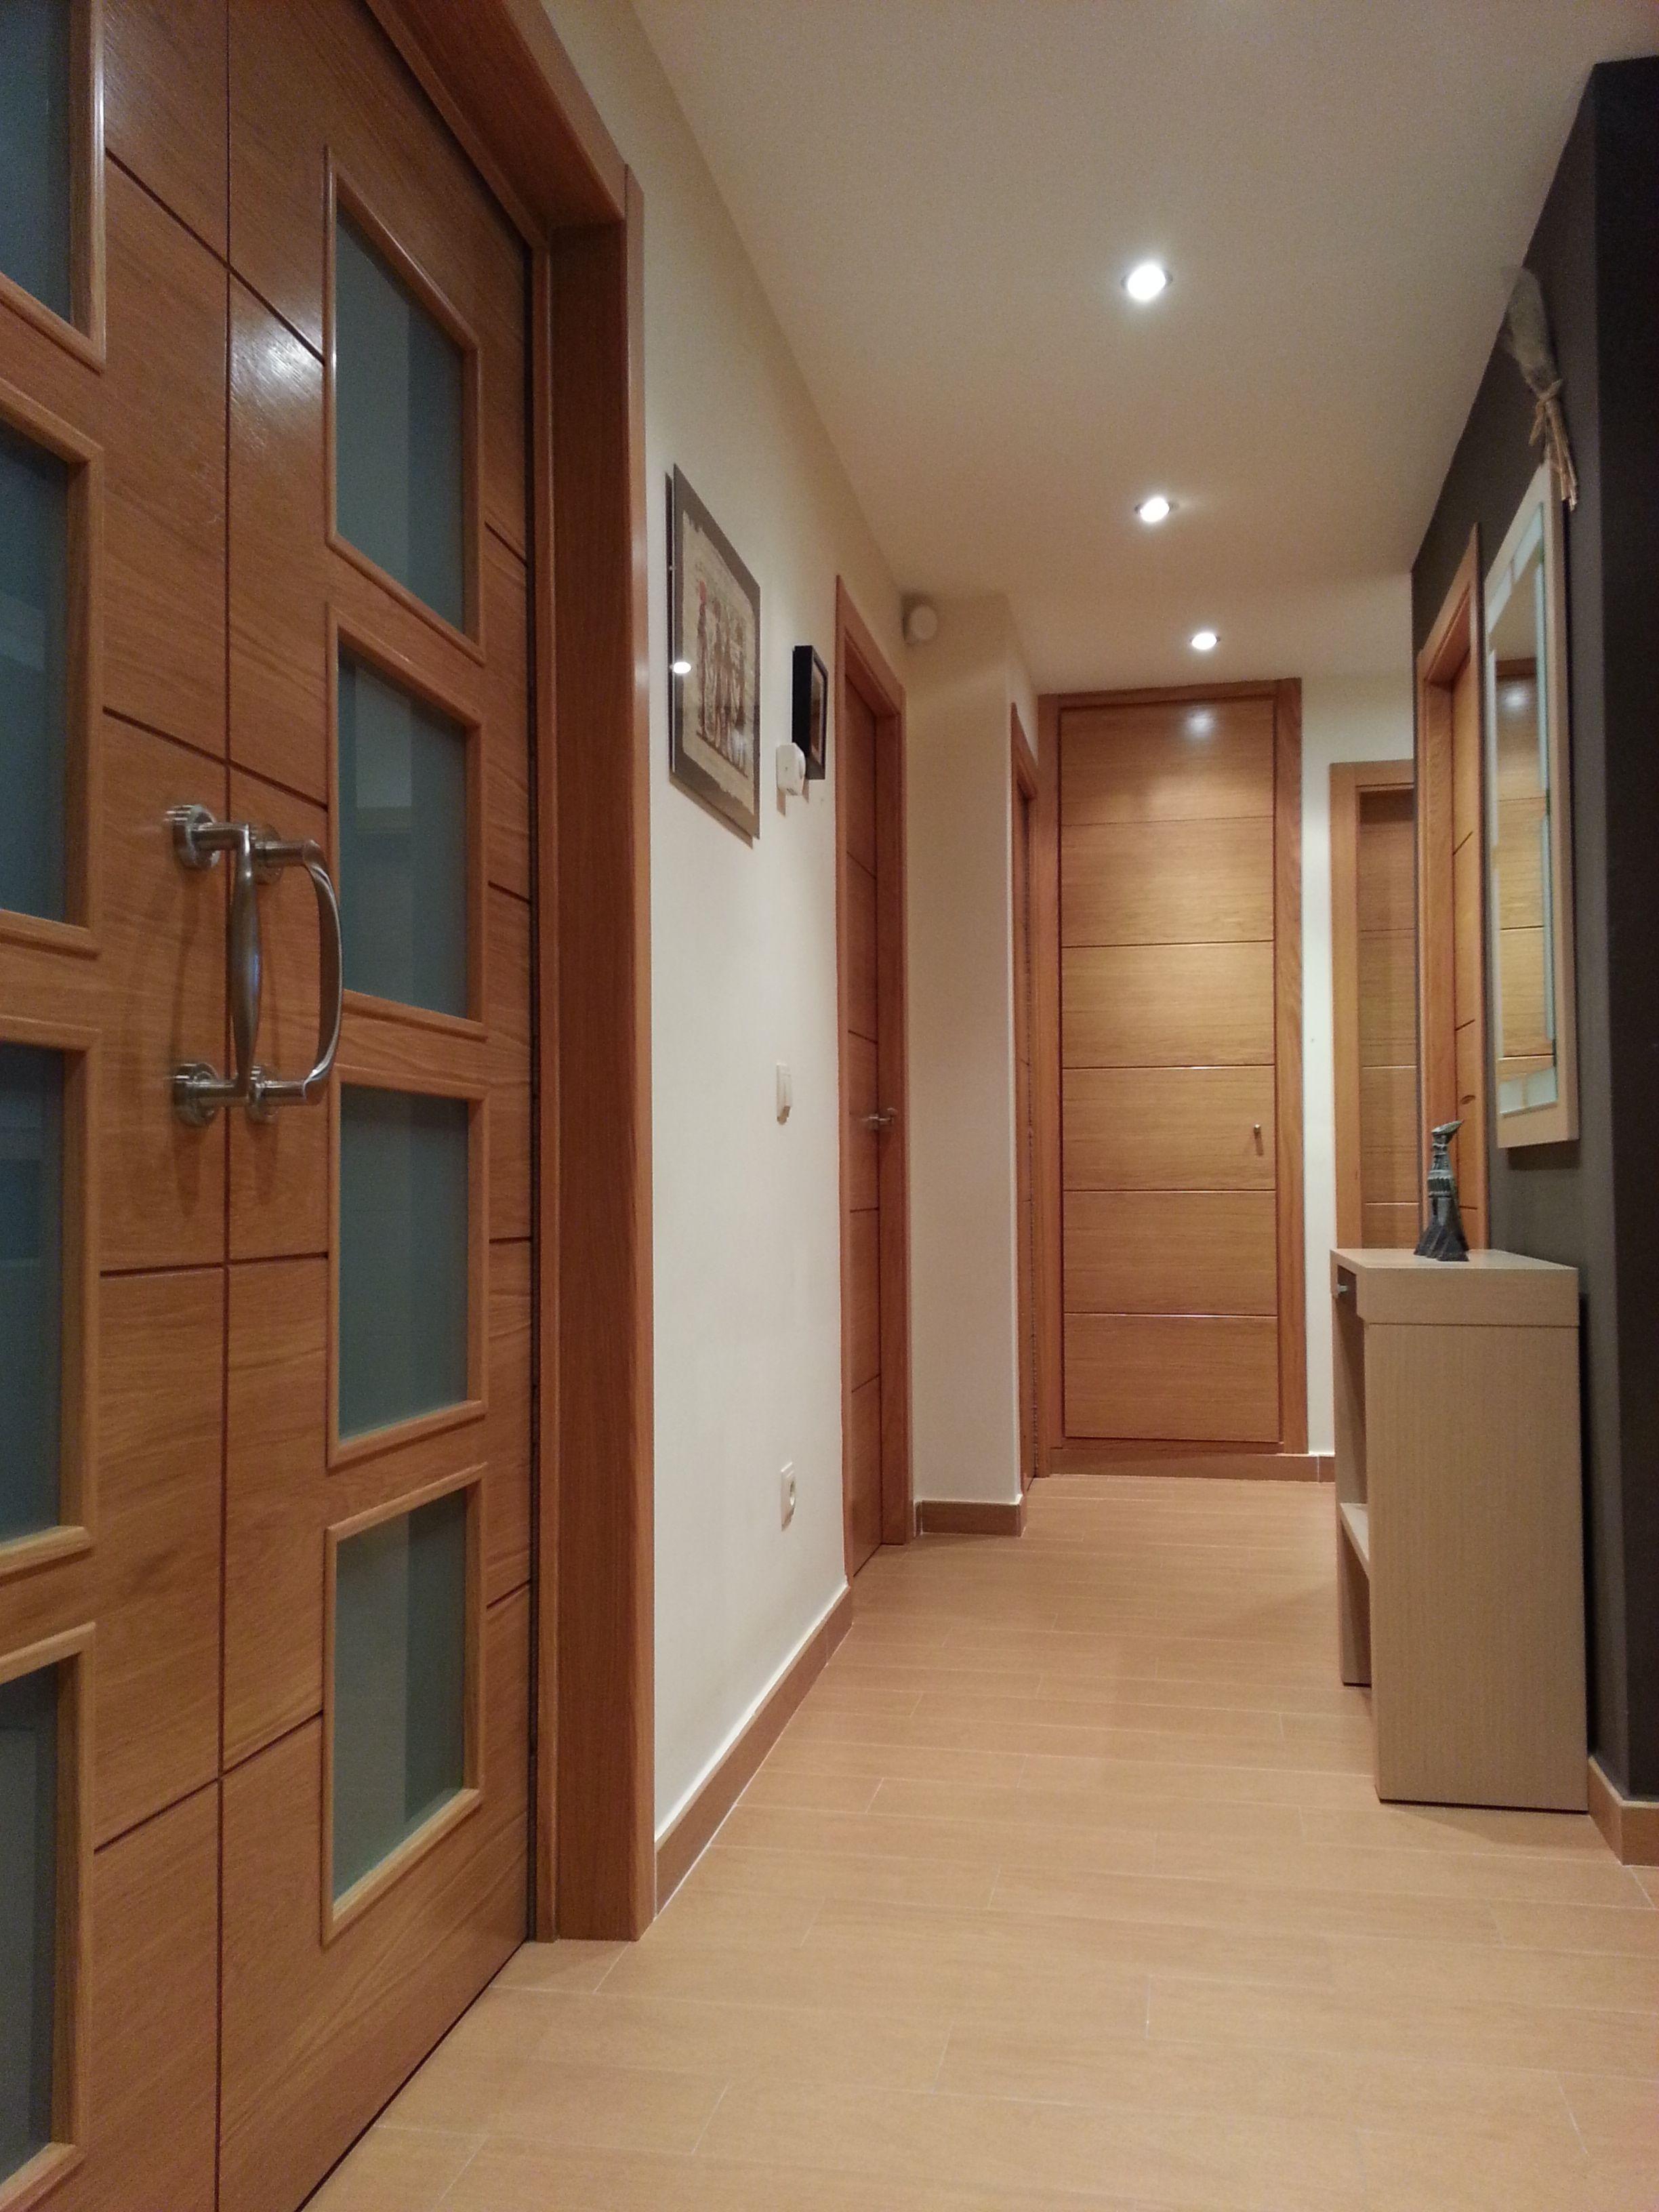 decoracion pasillo recibidor espejos madera puertas